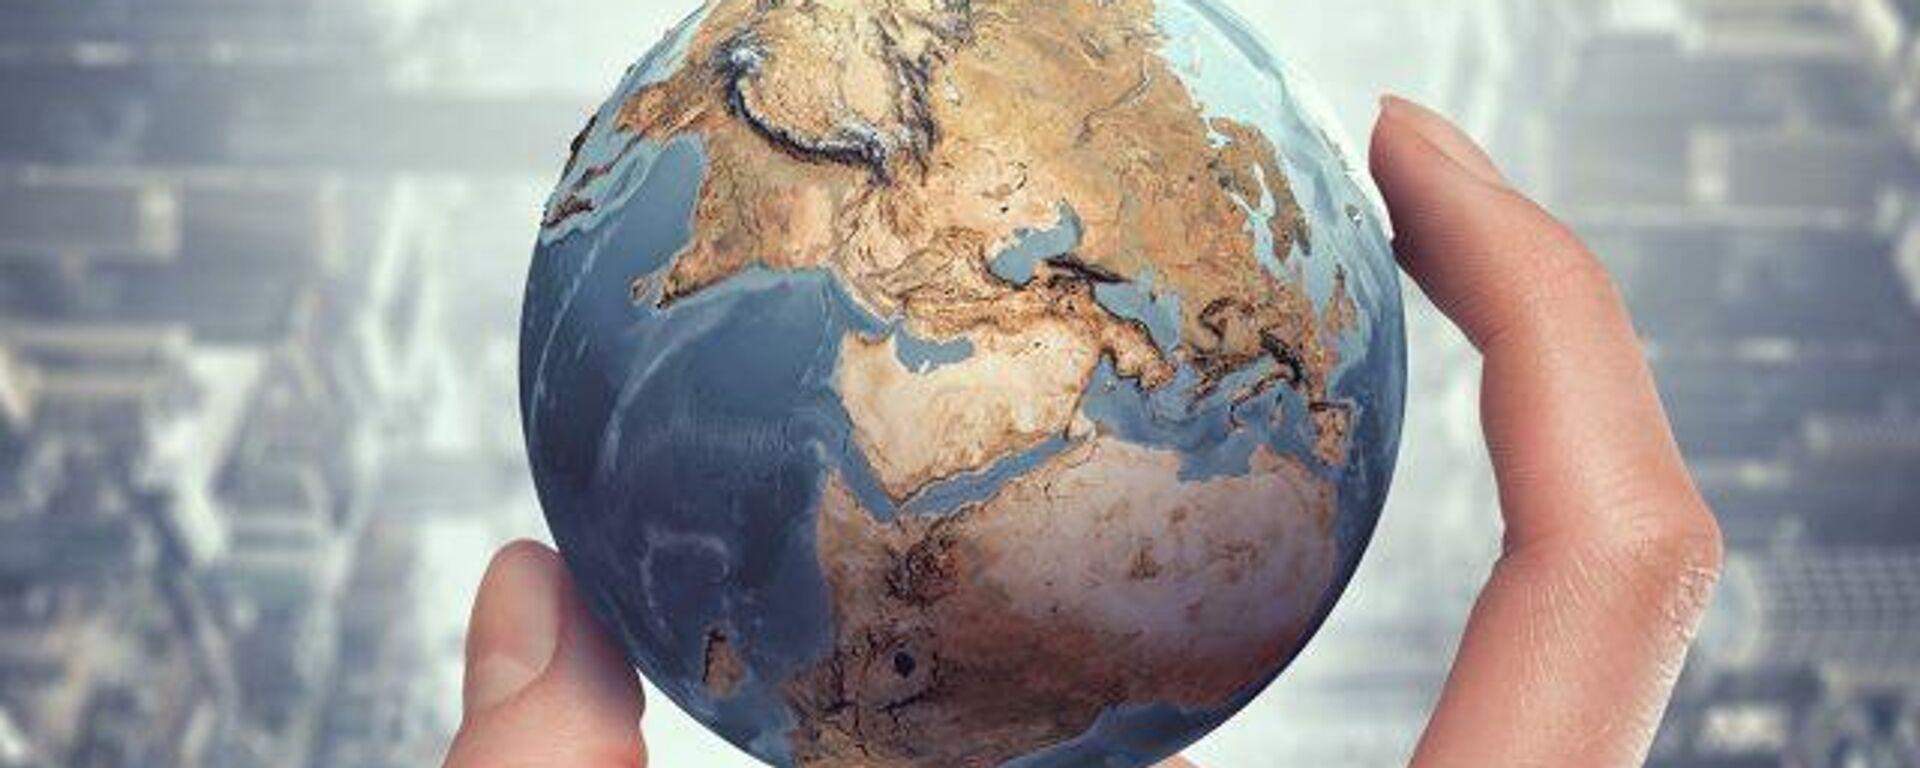 Uruguay, Argentina y el Mercosur: nuevo acercamiento en una agenda en tensión - Sputnik Mundo, 1920, 13.08.2021